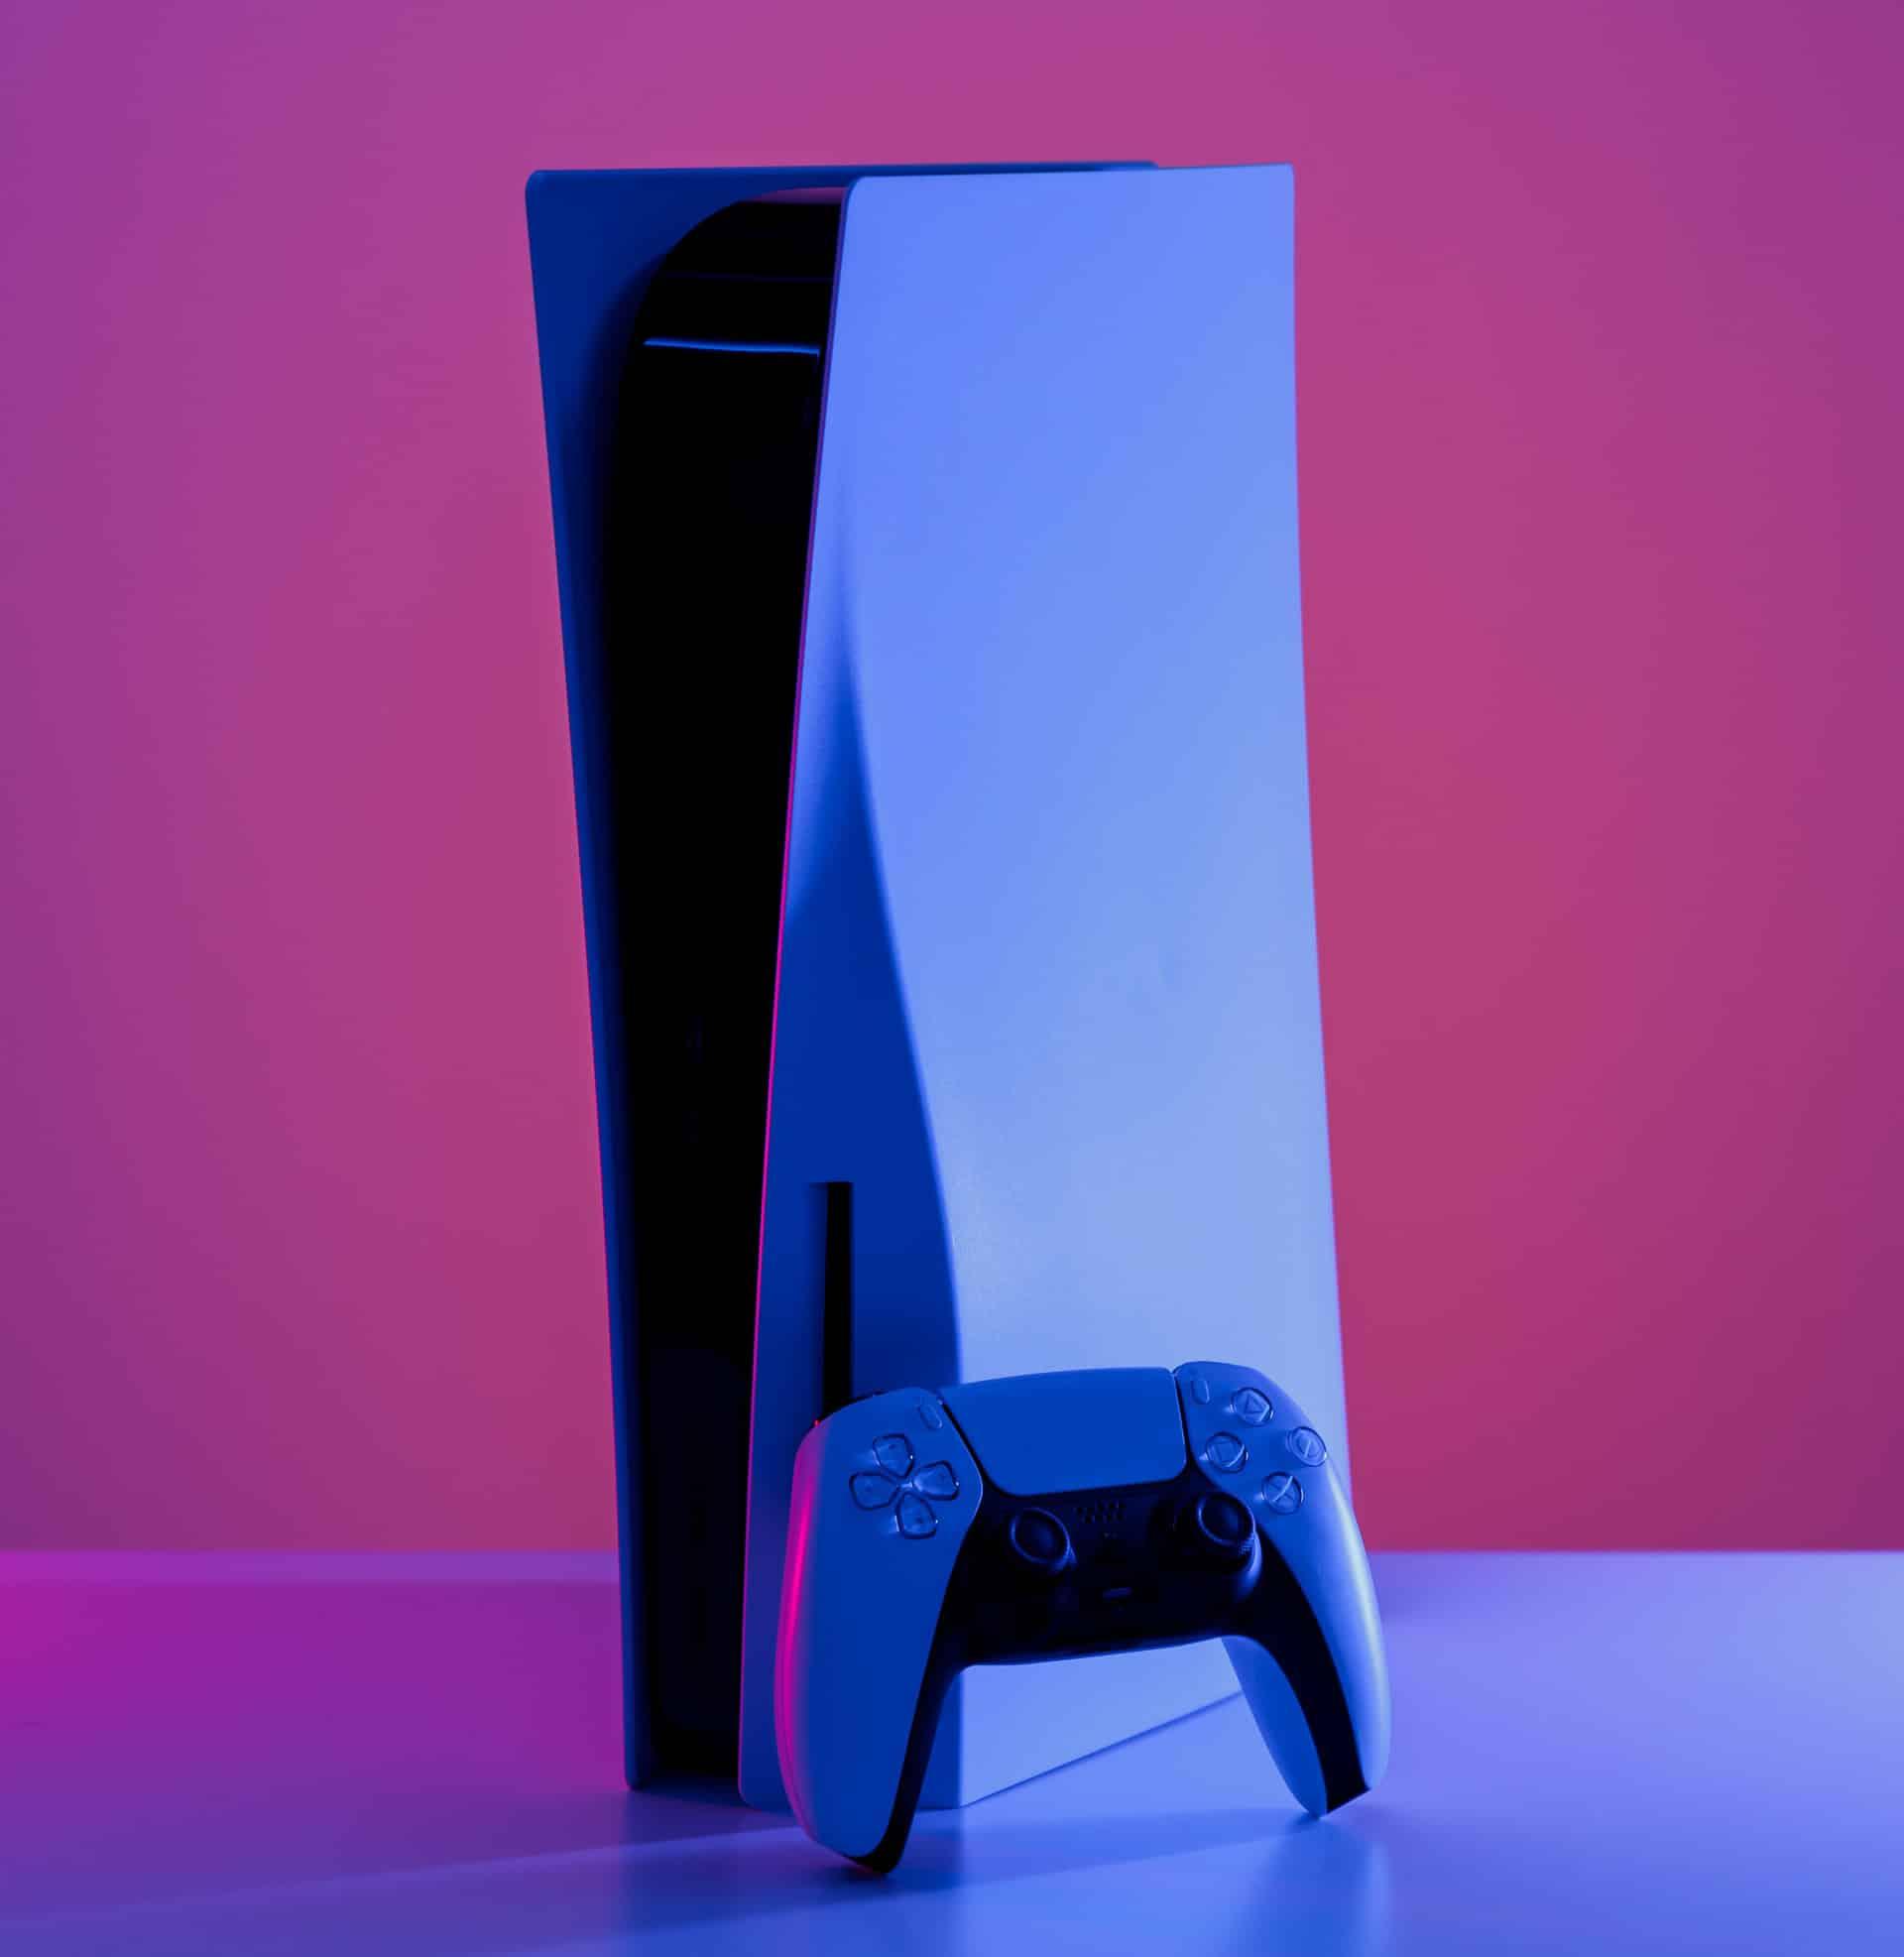 PS5 marknadsföring